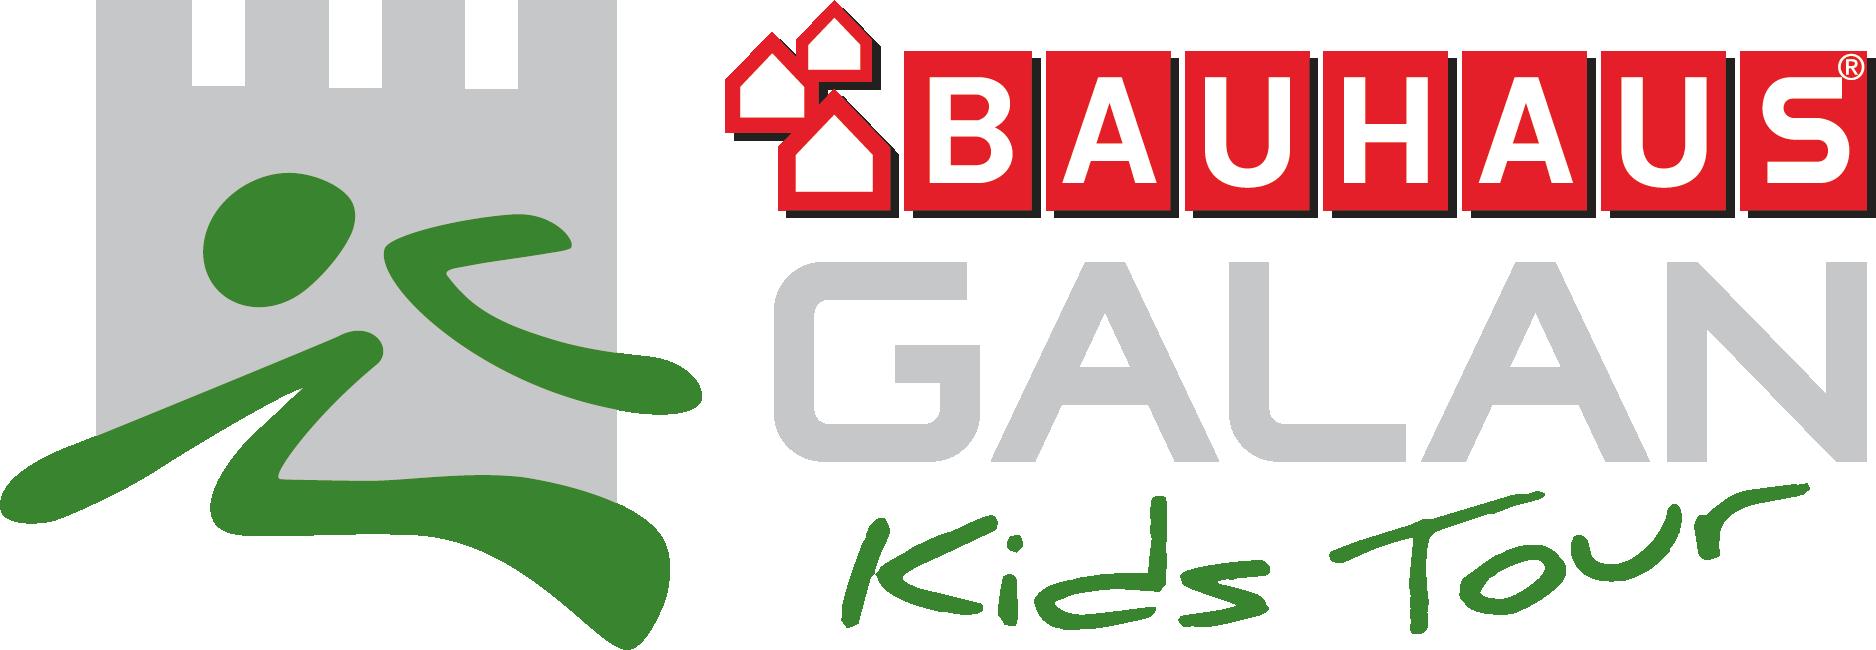 BauhausGalan_liggande_Kids_tour.png